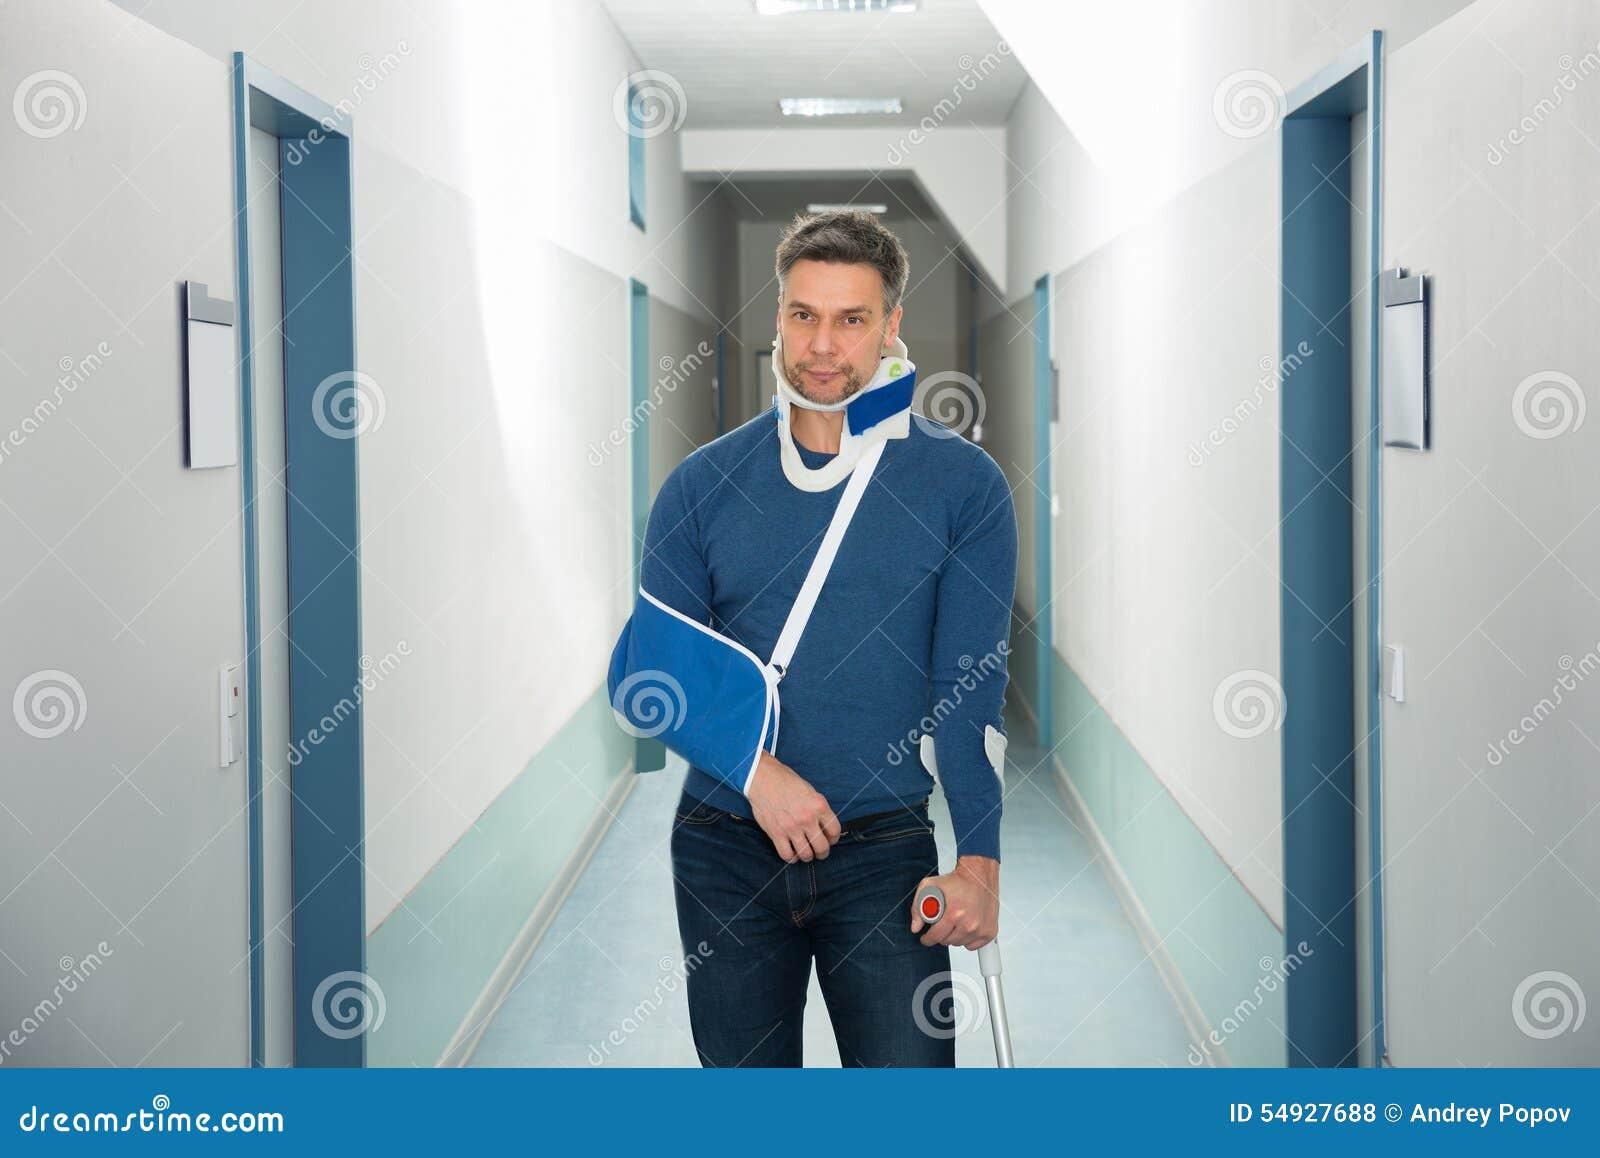 Hombre discapacitado en hospital